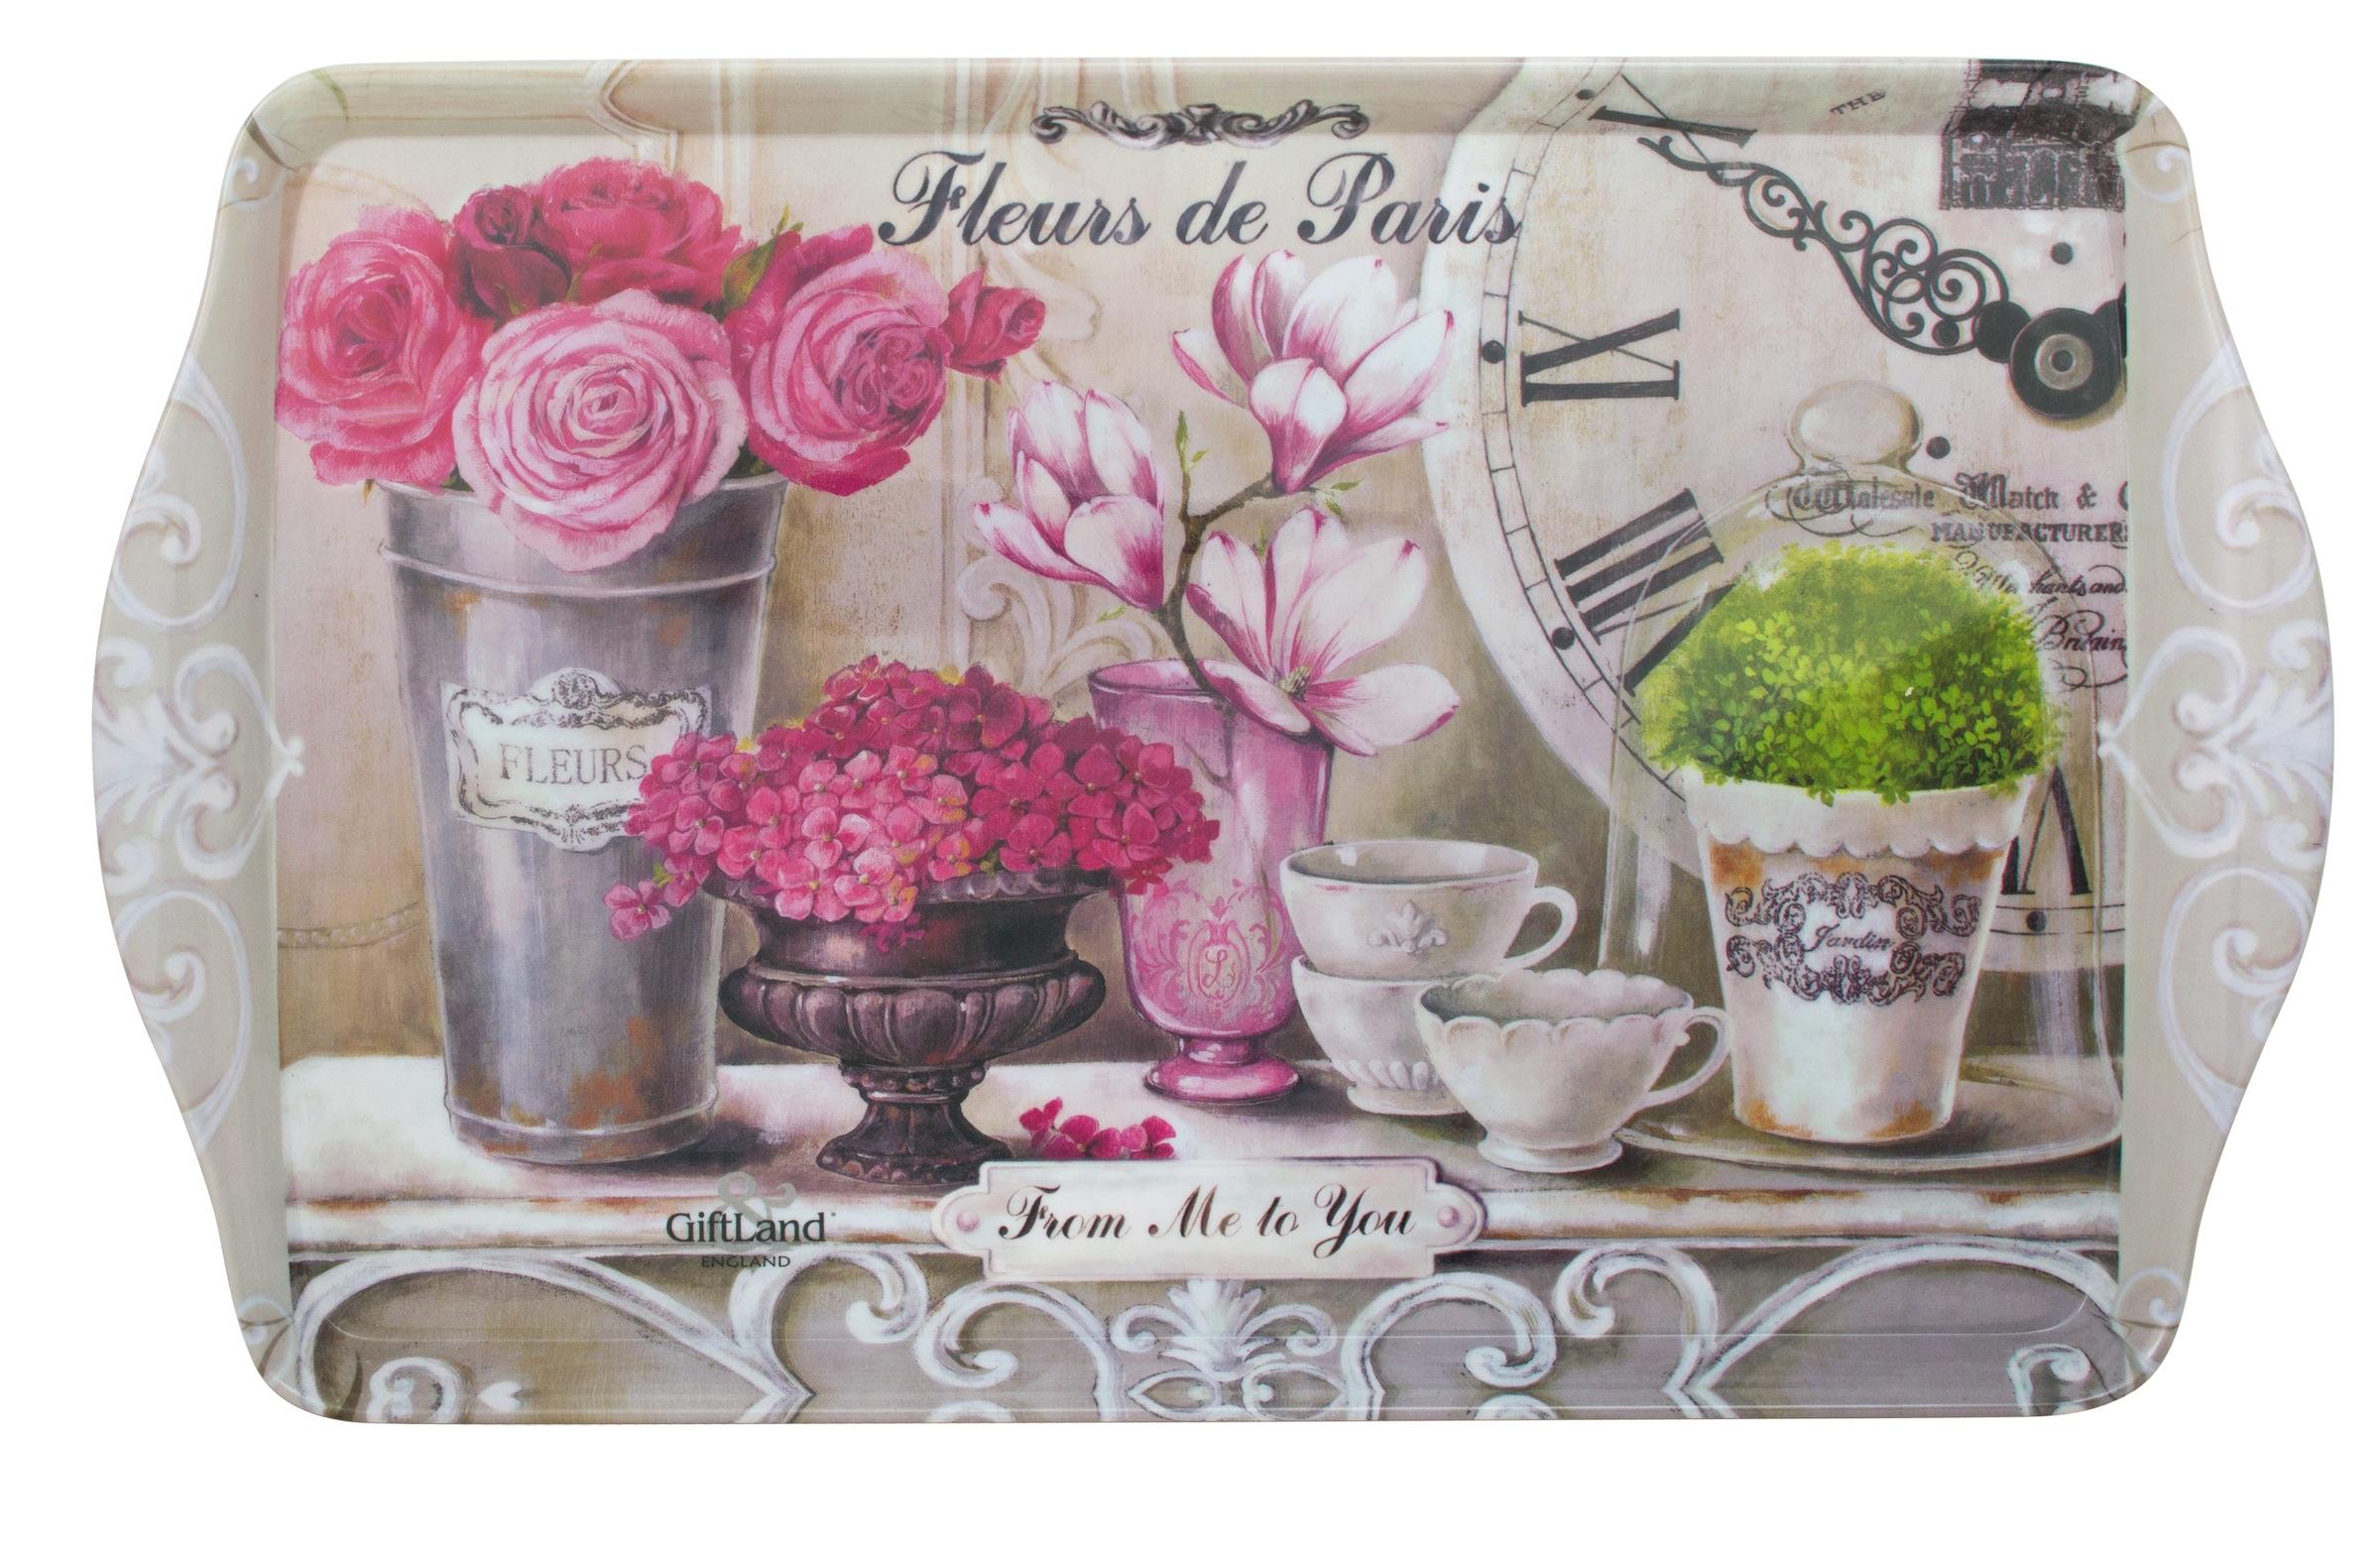 Поднос сервировочный GiftLand Парижские цветы, 38,8 x 24 смML-001 FleursПрямоугольный поднос GiftLand Парижские цветы выполнен из высококачественного и жаропрочного пластика и украшен изображением цветов. Красочный дизайн подноса придаст оригинальность и яркость любой кухне или столовой. Такой поднос станет незаменимым предметом для сервировки стола. Компактный поднос предохранит поверхность стола от грязи и перегрева. Изделие устойчиво к высоким температурам. Можно мыть в посудомоечной машине и использовать в микроволновой печи. Размер подноса: 38,8 см x 24 см. Высота подноса: 2,2 см.